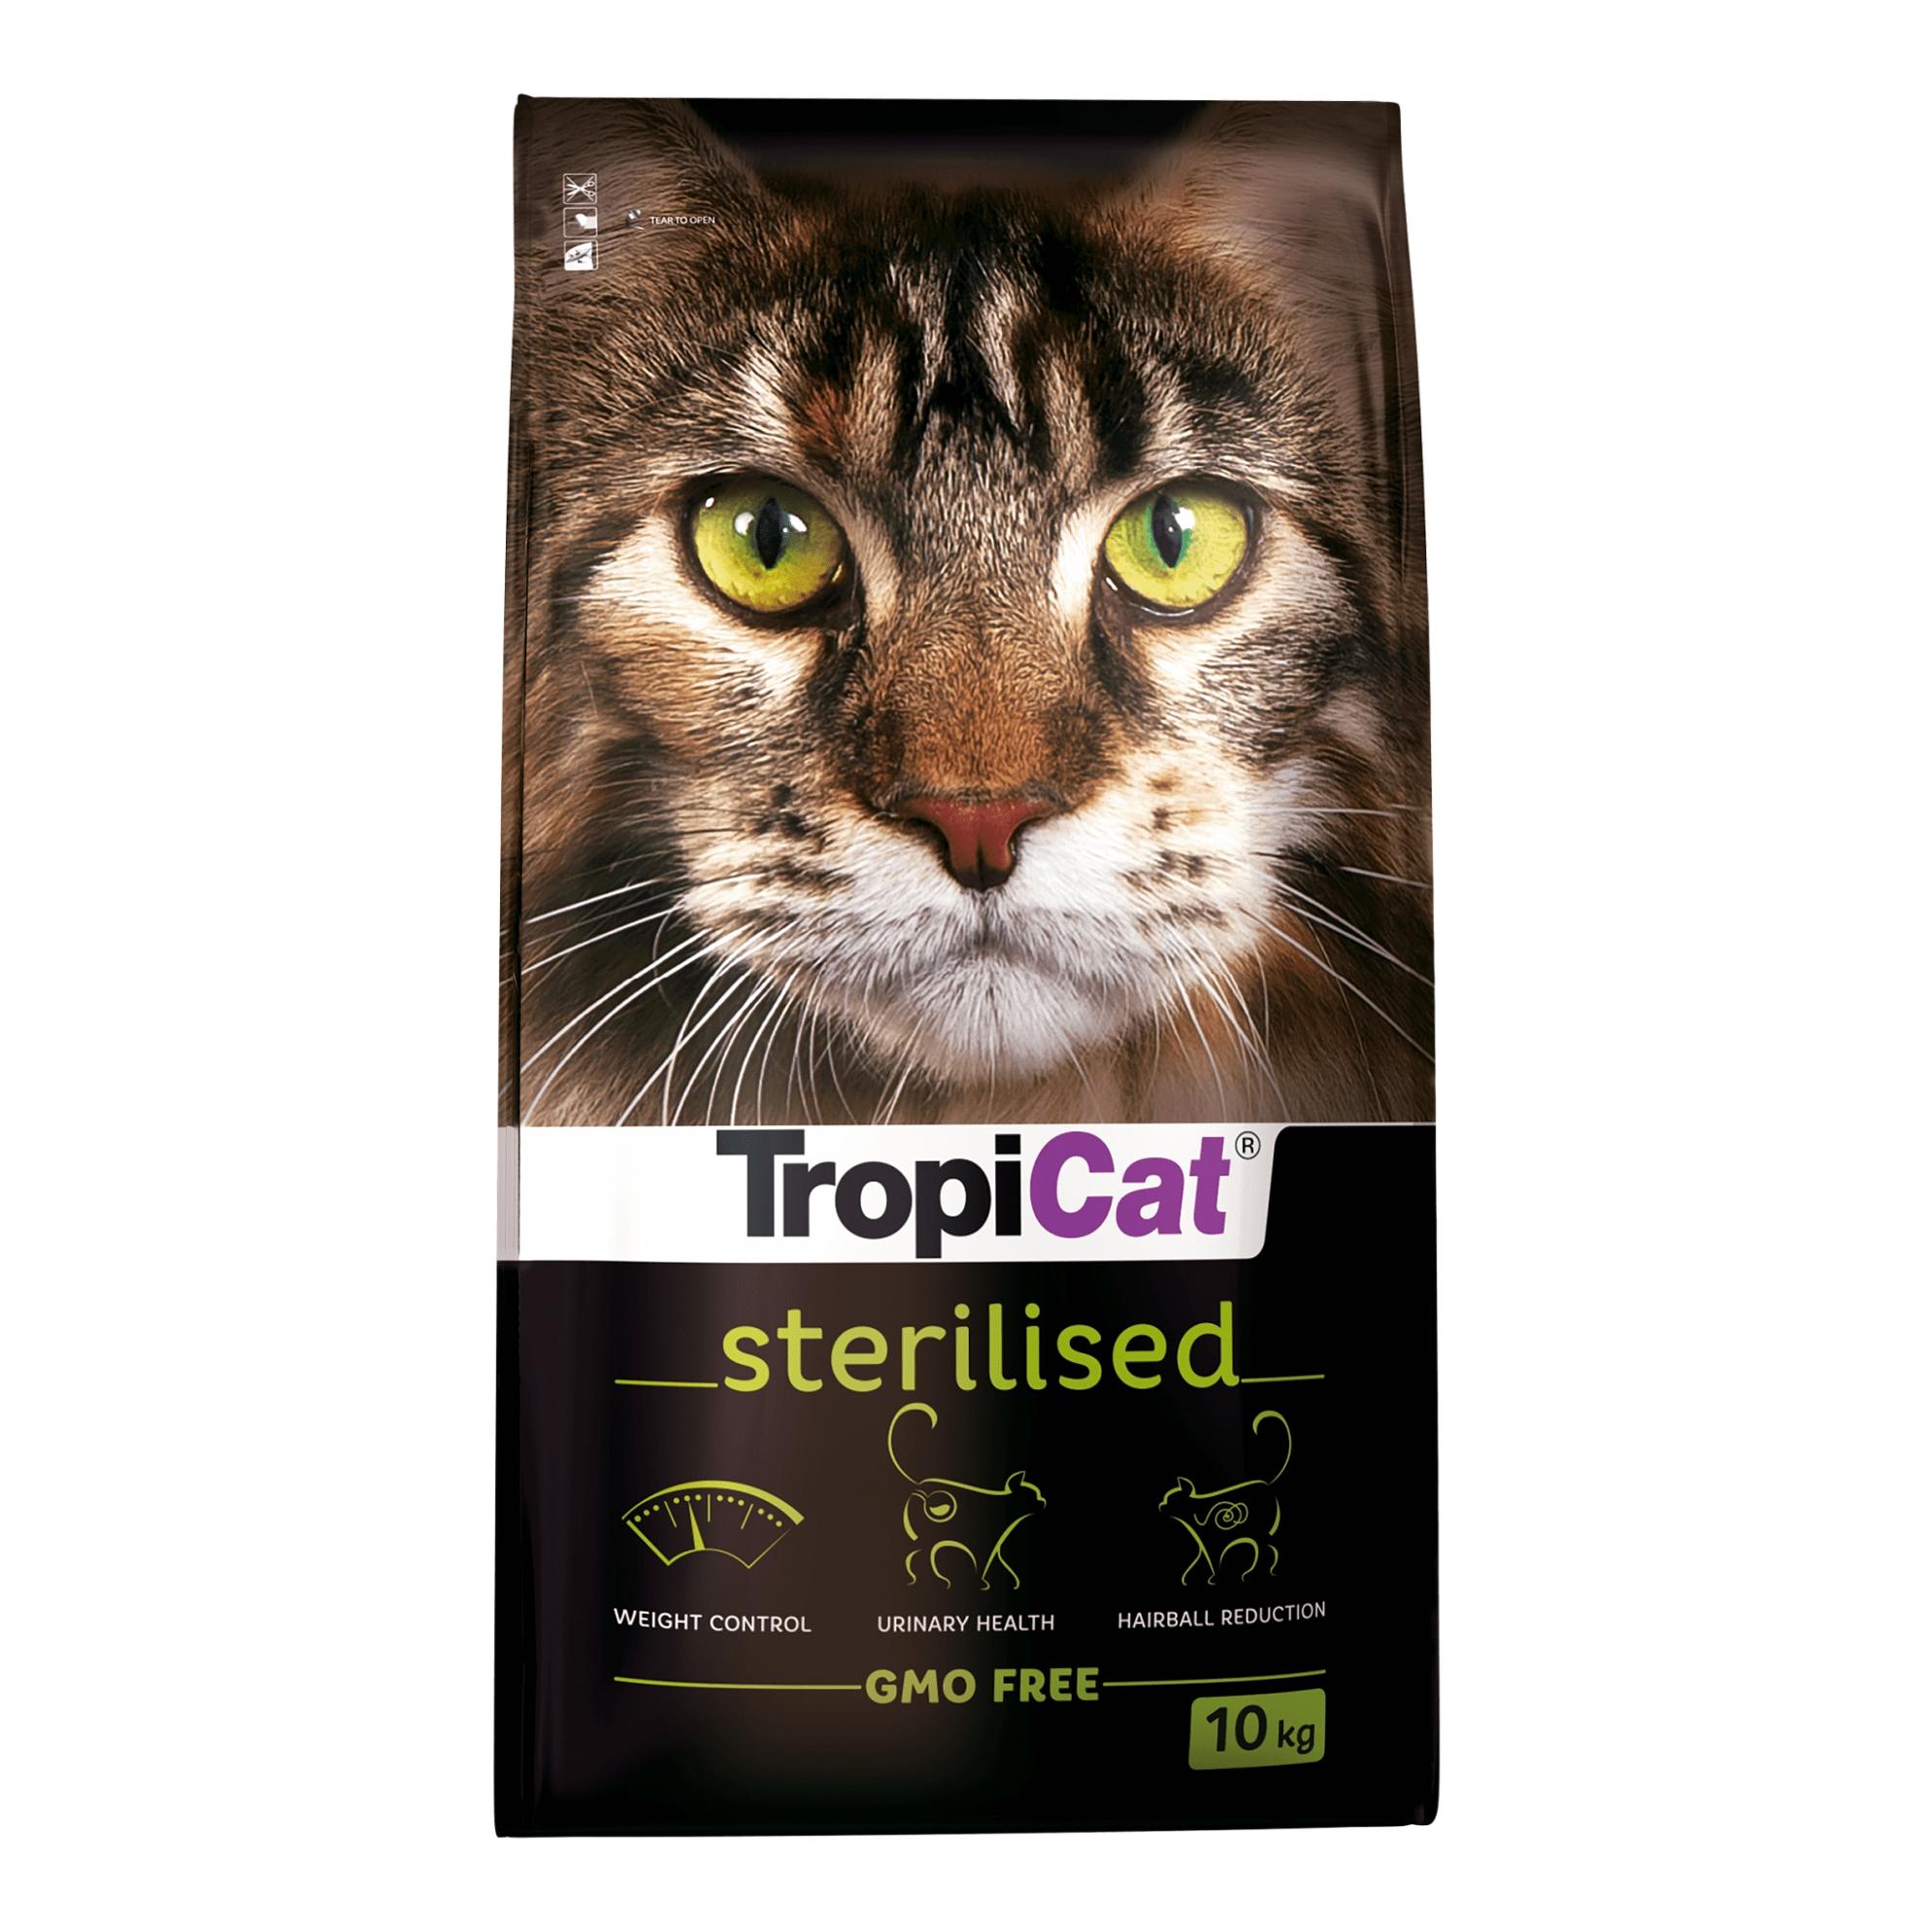 Tropicat Premium Sterilised - 10 Kg